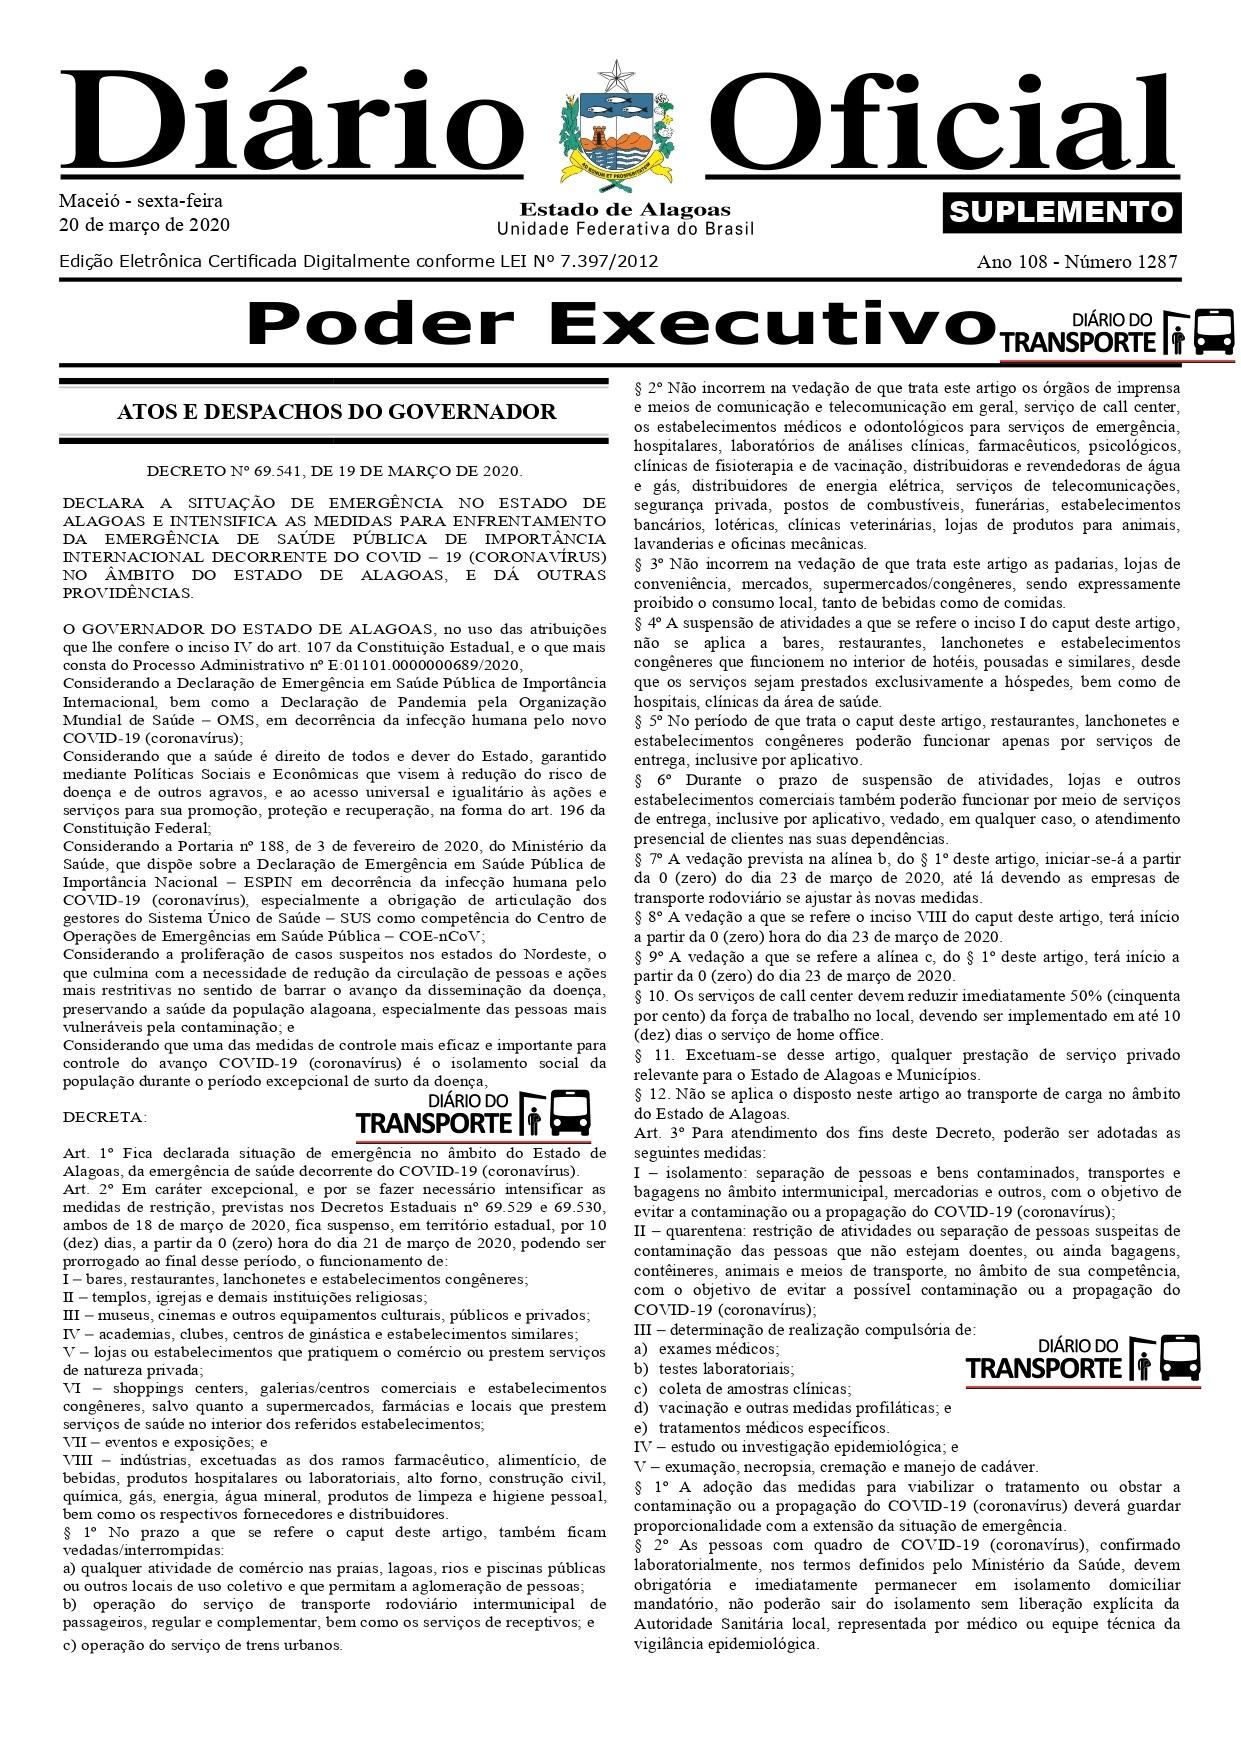 decreto_alagoas_01